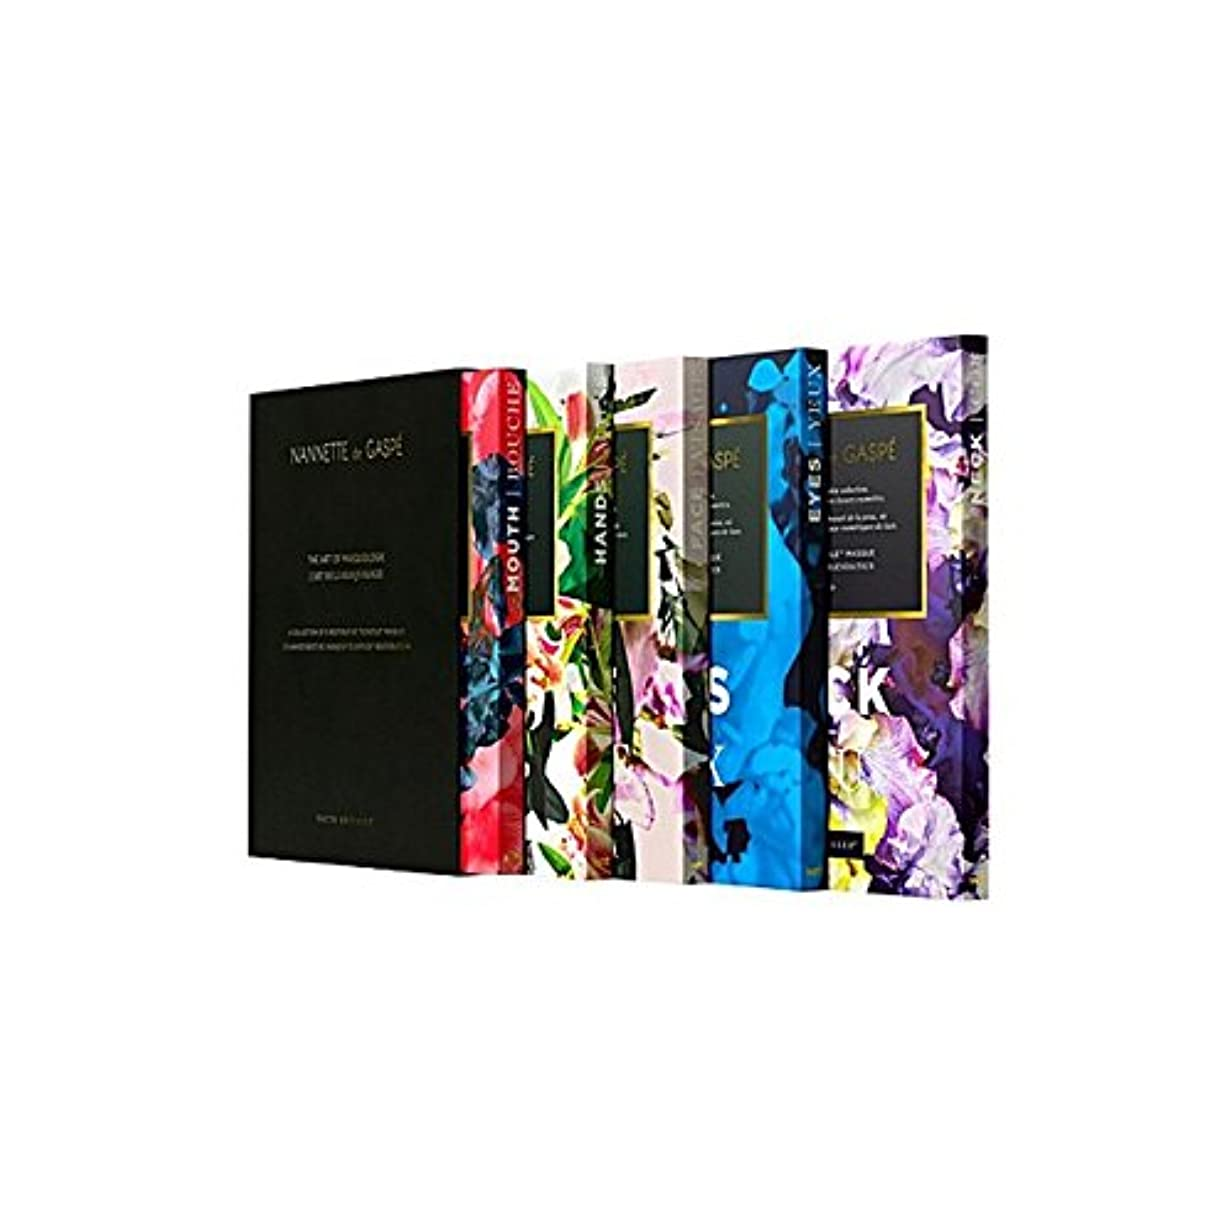 若い植物学領事館デガスペ修復仮面劇コフレ x2 - Nannette De Gaspe Restorative Techstile Masque Coffret (Pack of 2) [並行輸入品]